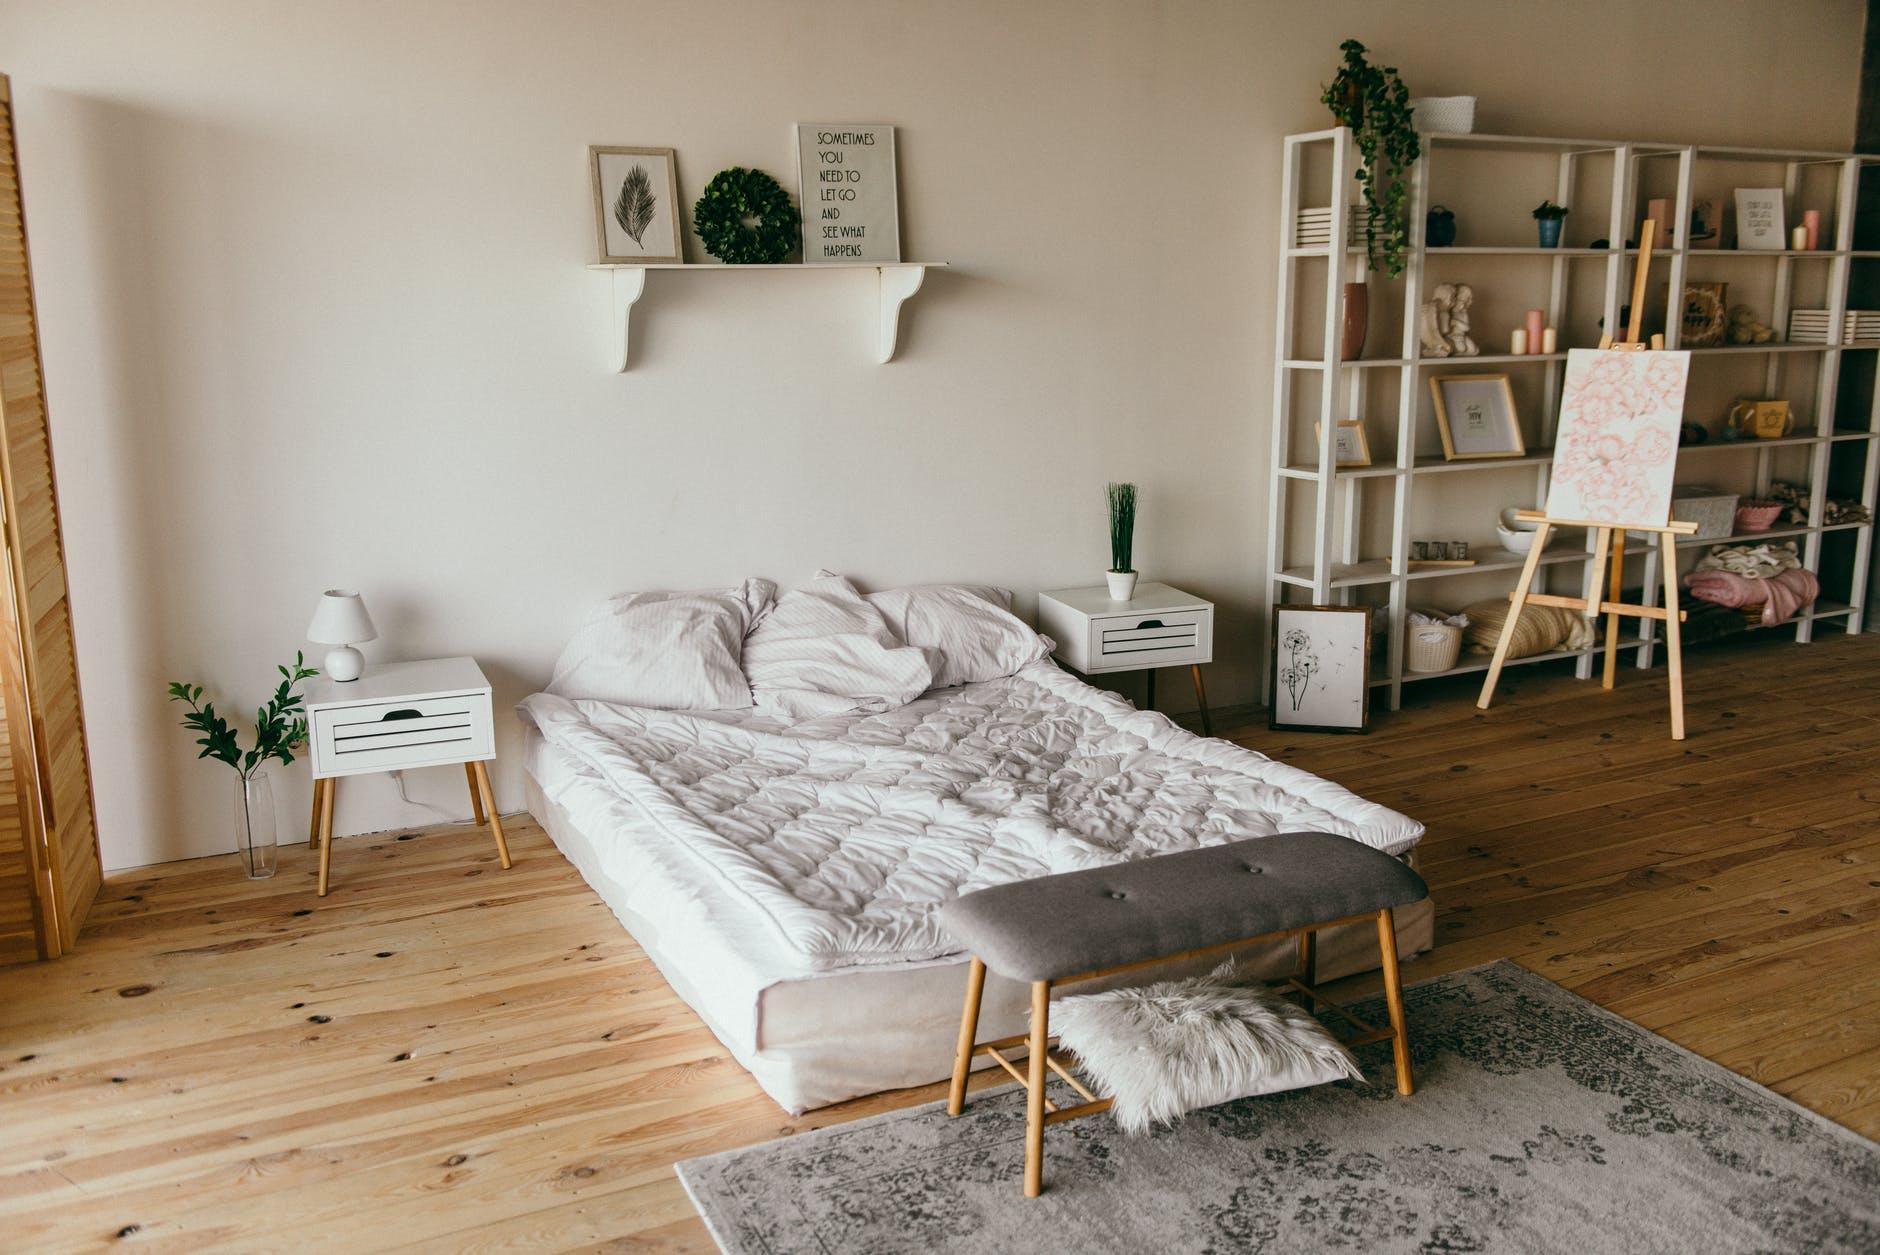 Ide Interior Kamar Tidur Minimalis yang Kekinian